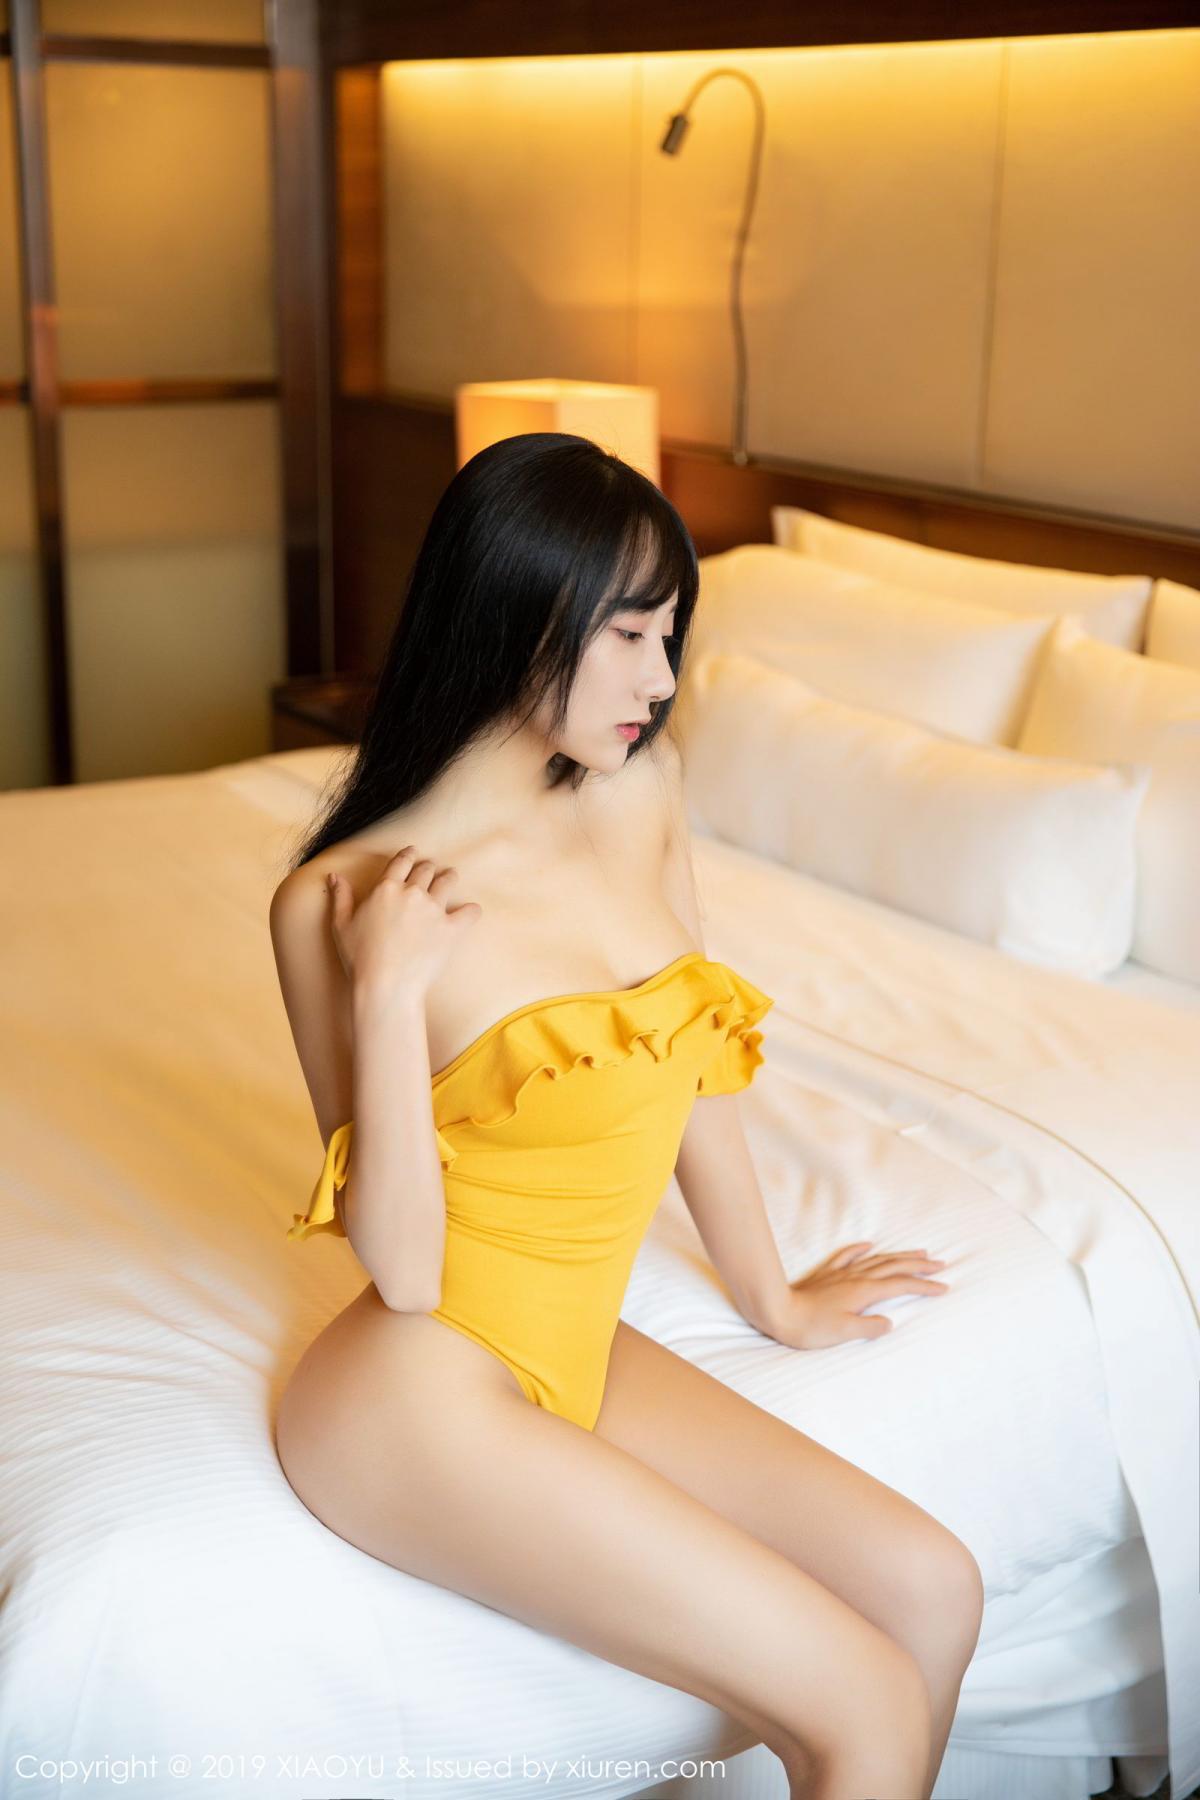 [XiaoYu] Vol.140 He Jia Ying 14P, He Jia Ying, Tall, XiaoYu